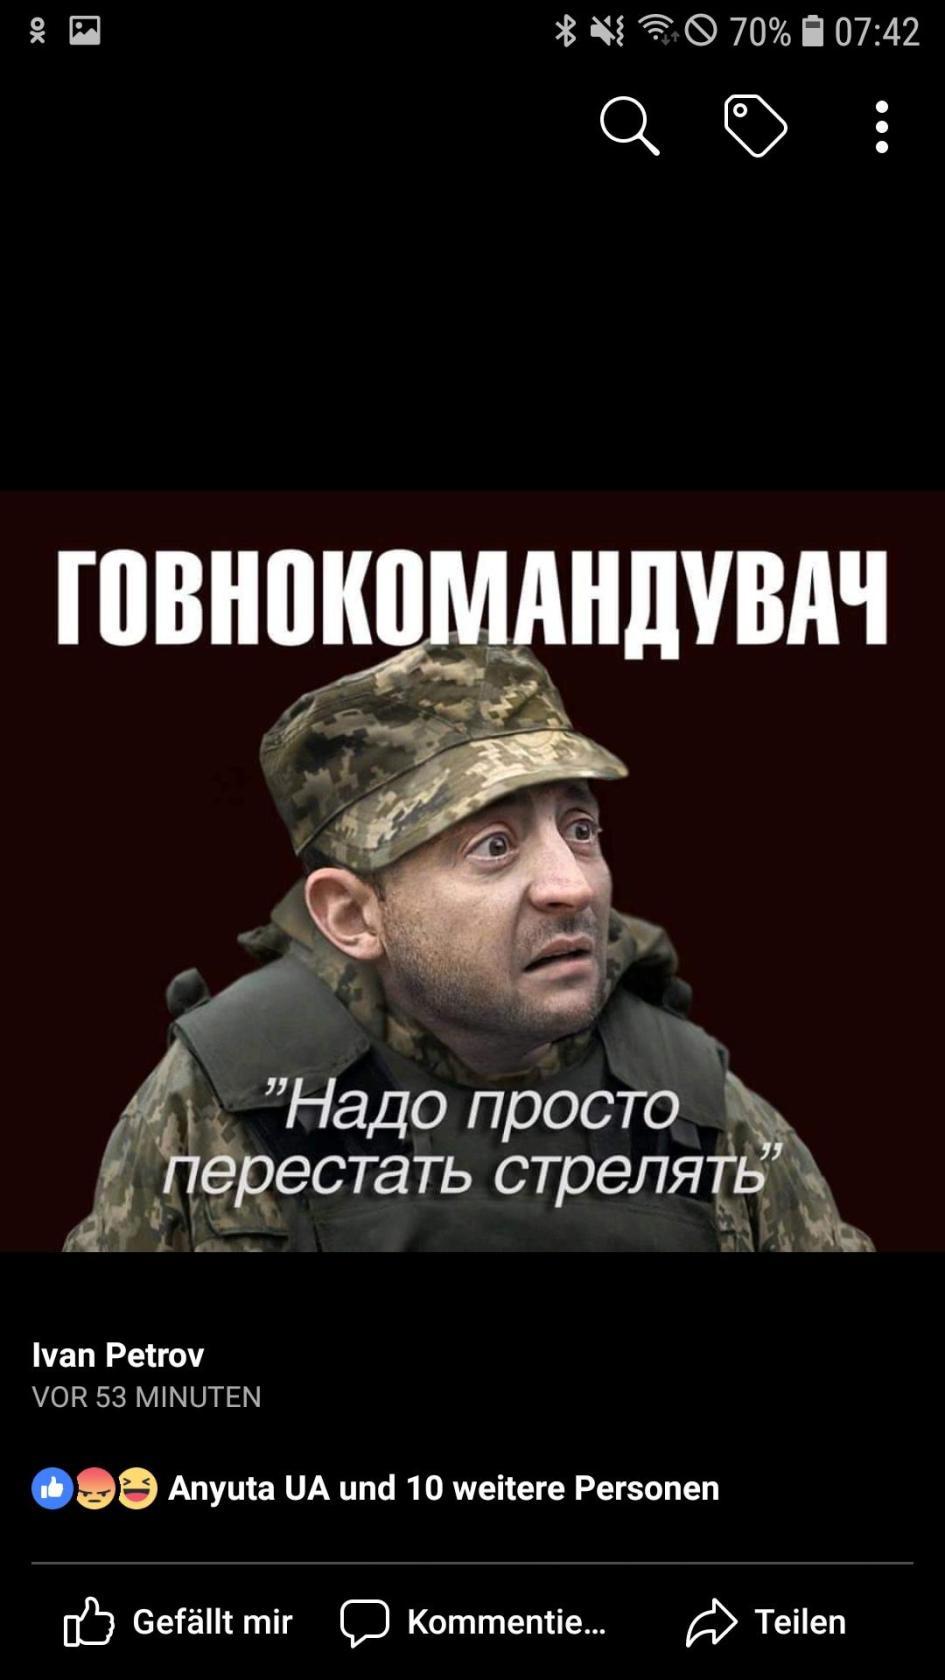 Зеленський з'явився у президентських рейтингах ще в 2017 році, а переміг зокрема завдяки відмові Вакарчука балотуватися, - соціолог - Цензор.НЕТ 6541